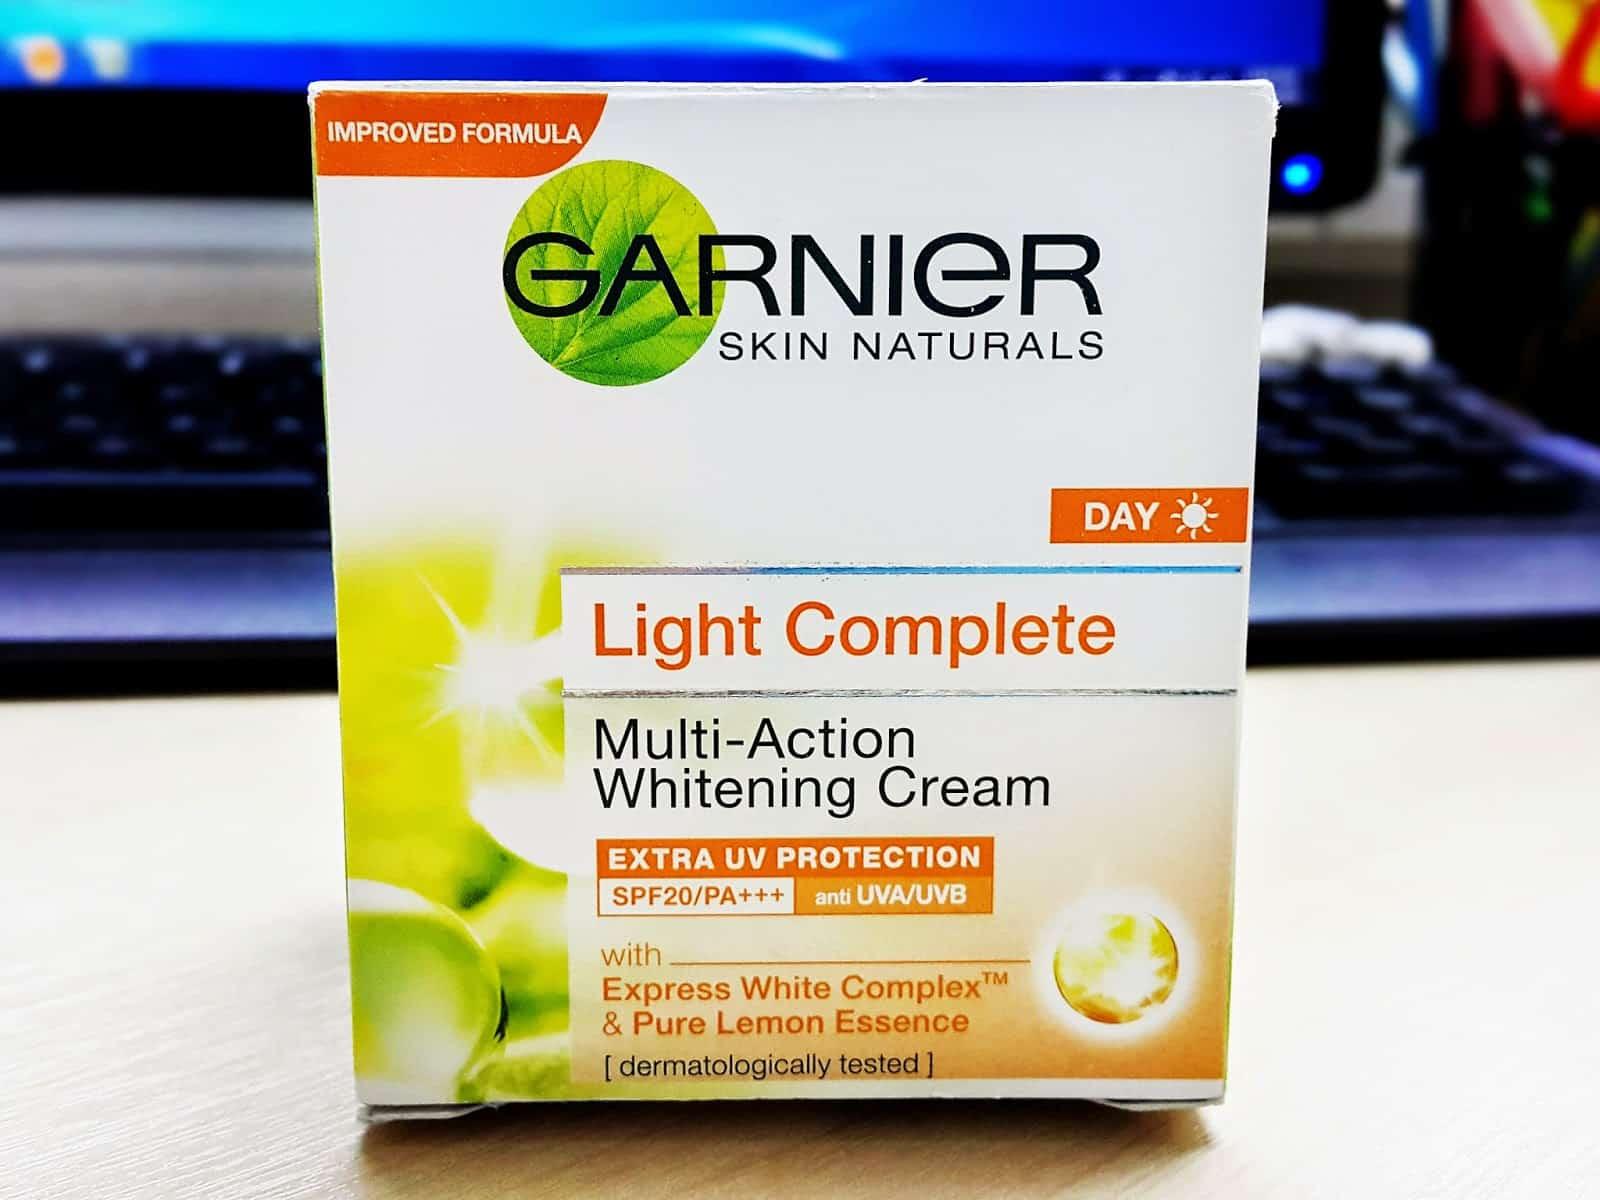 Garnier-Light-Complete-Multi-Action-Whitening-Cream